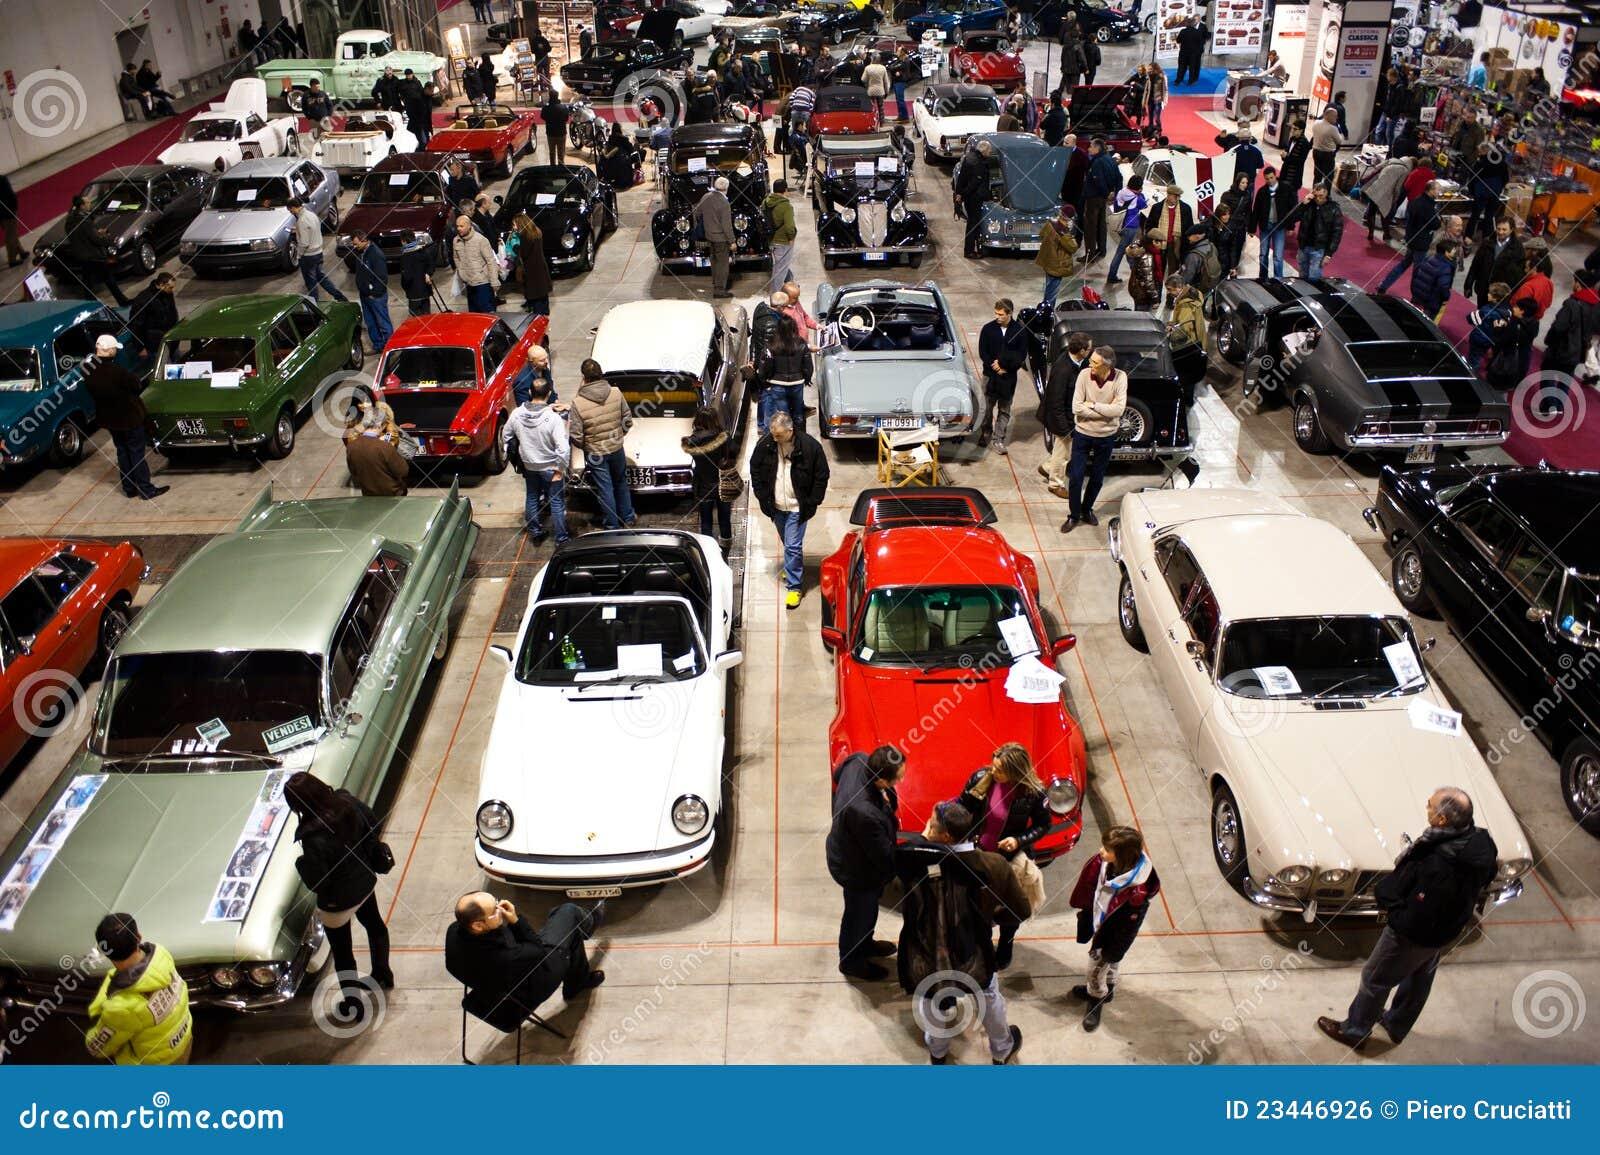 Car Show classico, vista panoramica